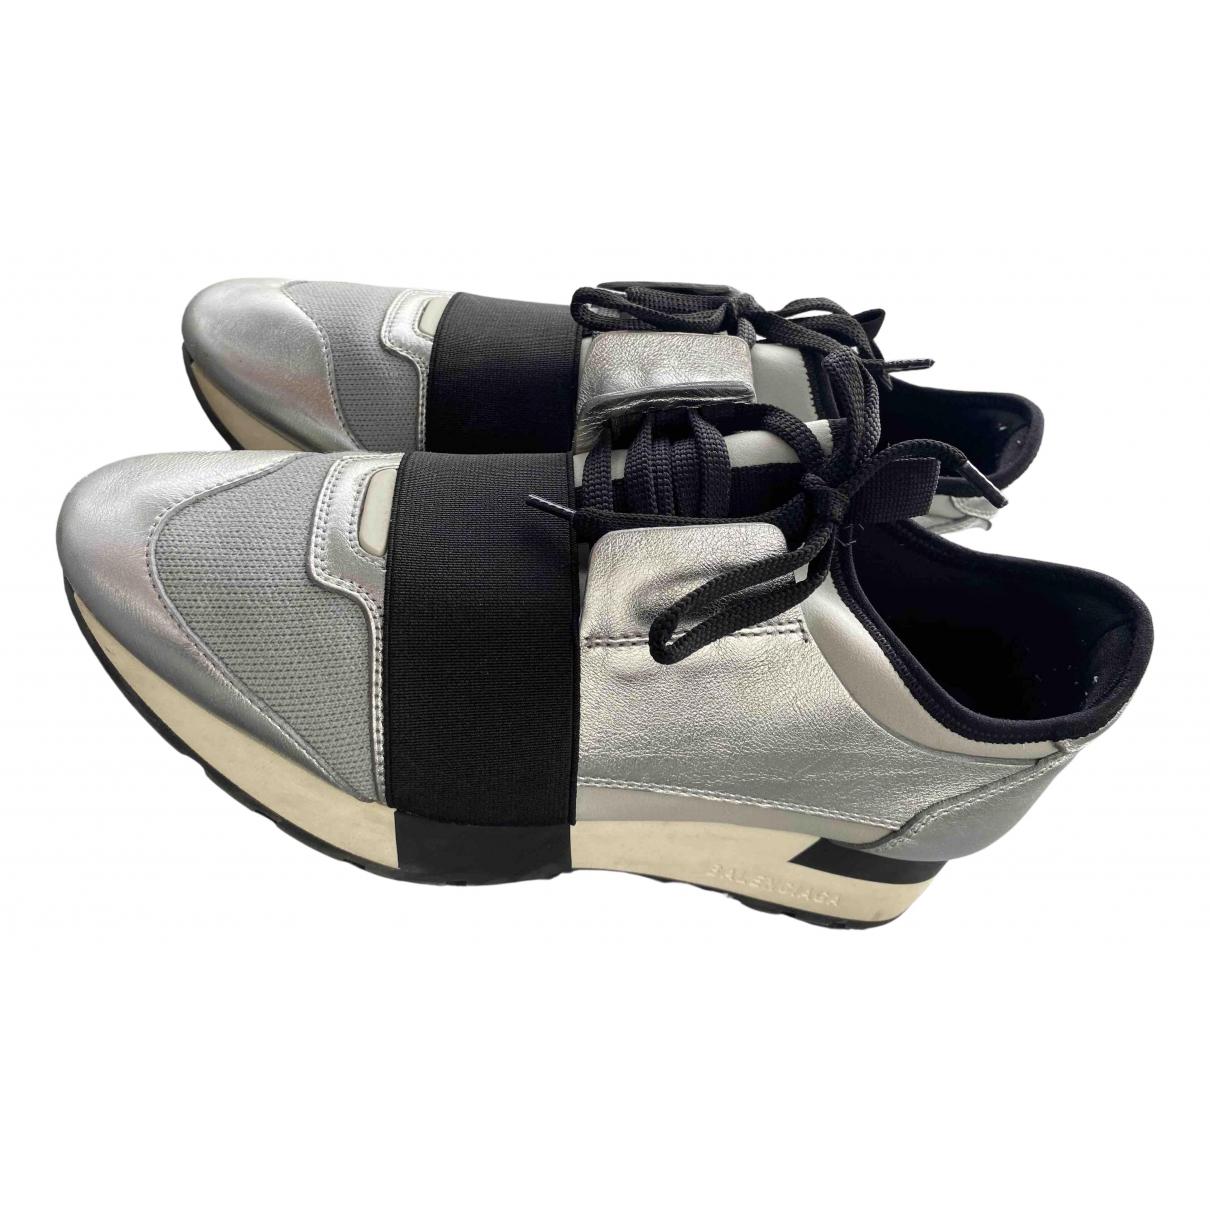 Balenciaga Race Sneakers in  Silber Leder